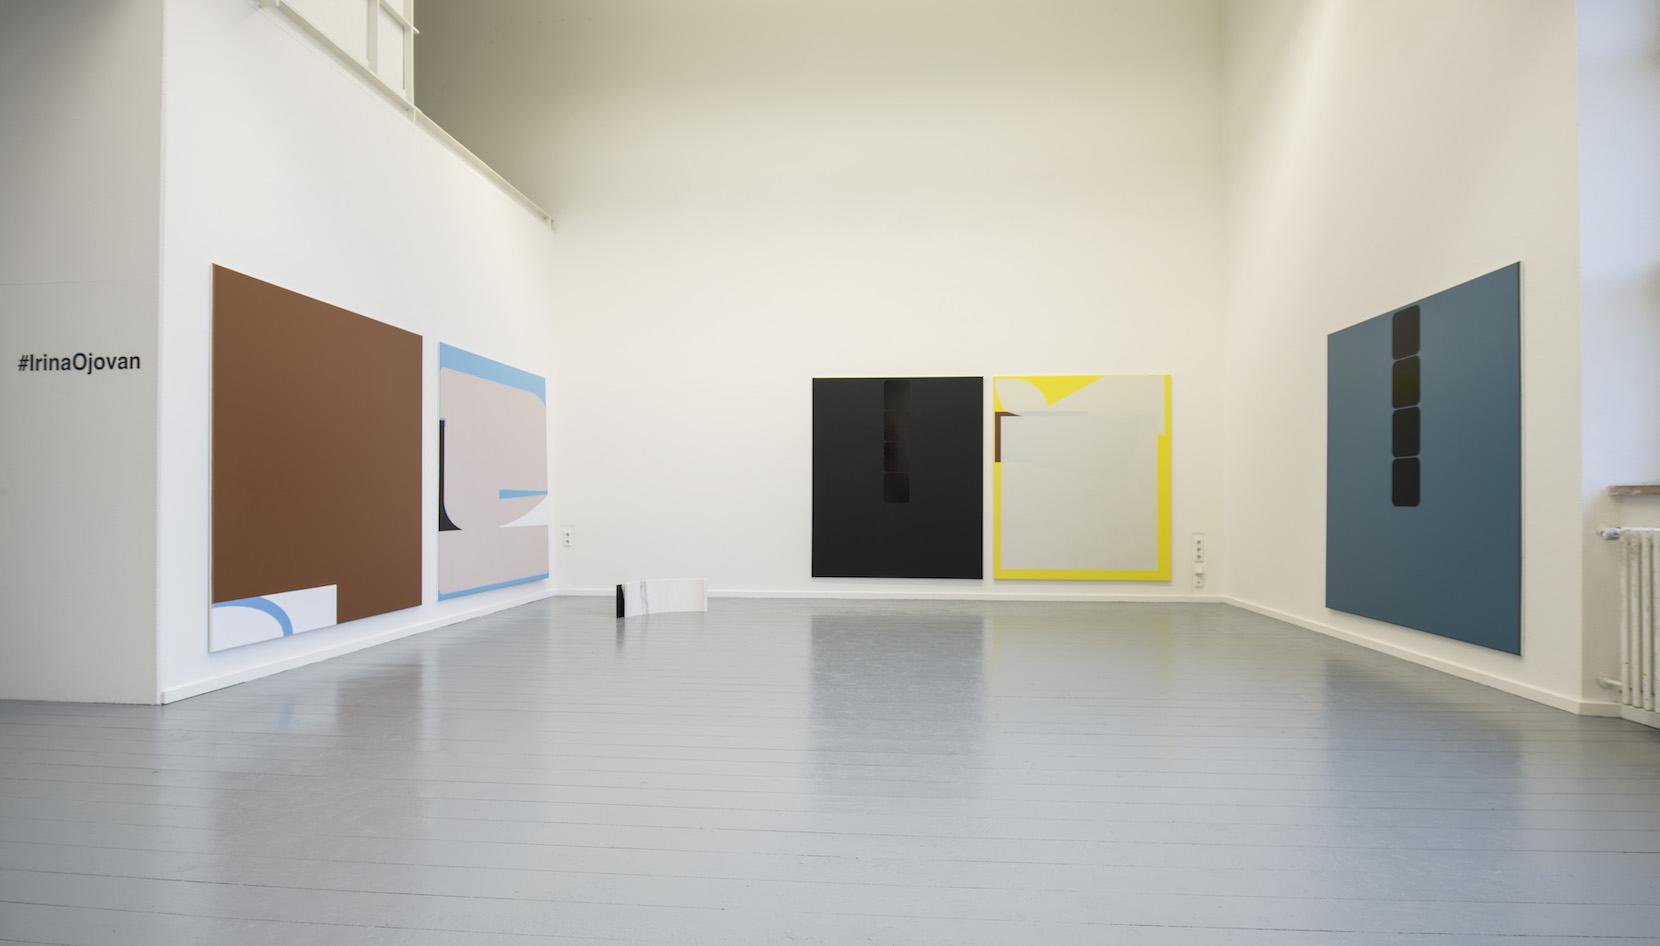 Irina Ojovan, Diploma Exhibition view 2018:Meisterschülerausstellung